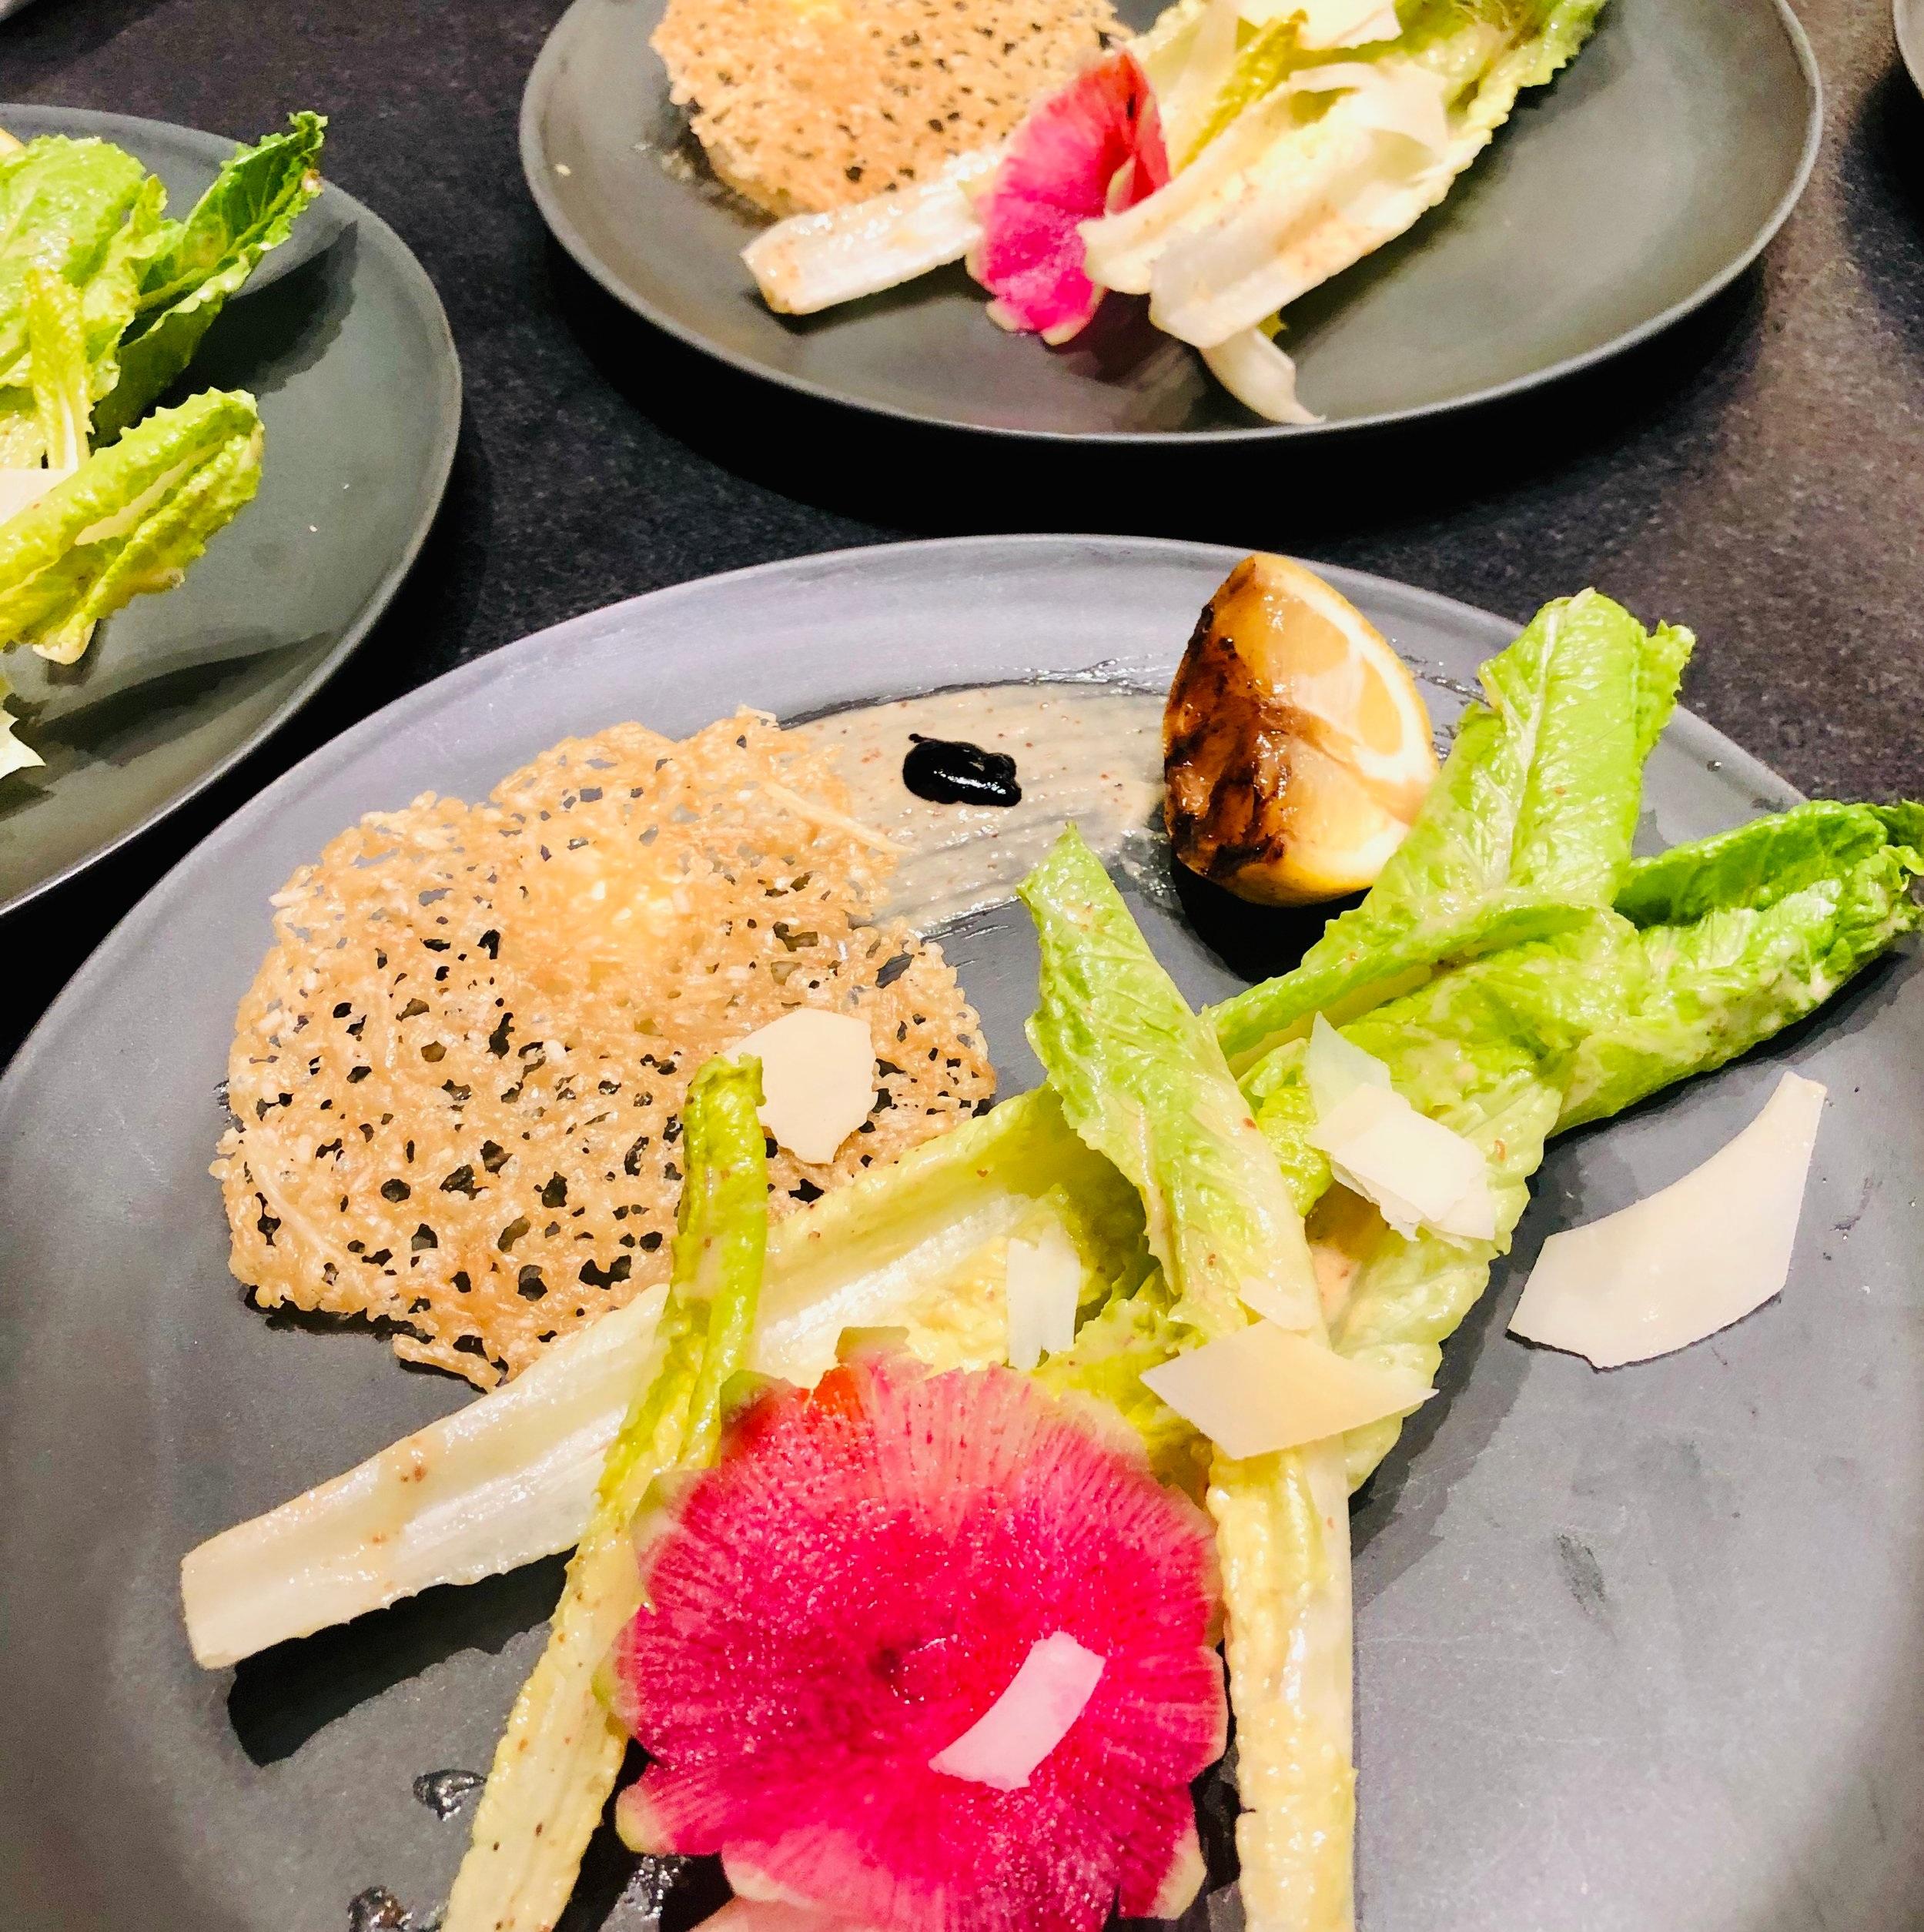 Bistro Caesar:  Watermelon Radish/Parmesan Crisp/Grilled Meyer Lemon/Local Chevre Mousse